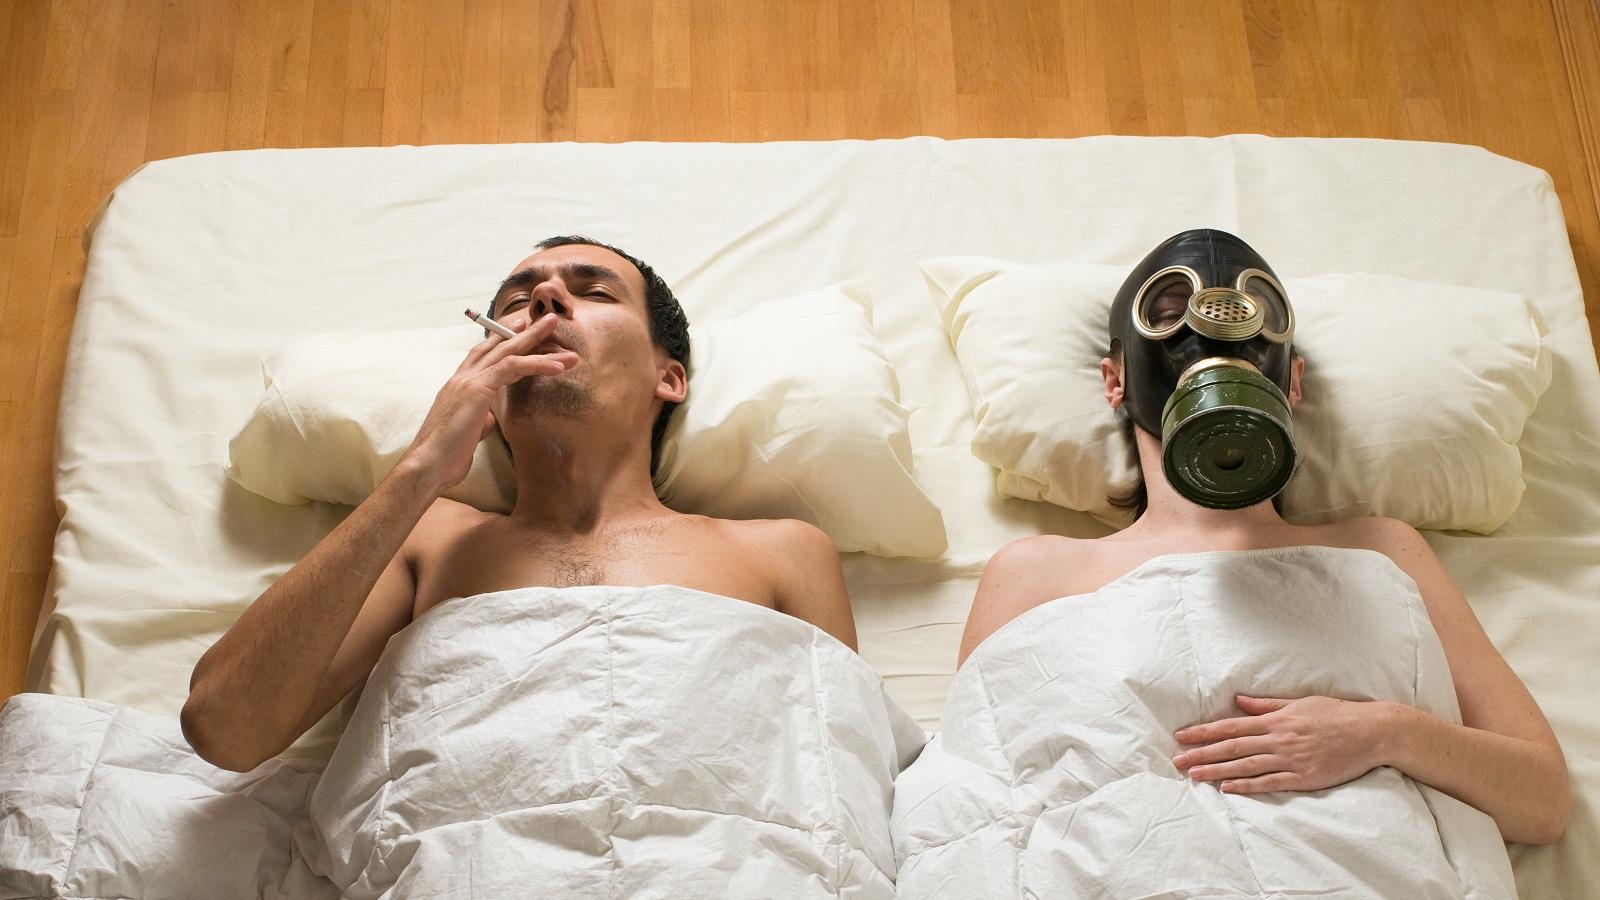 запах табака, запах табака в квартире, как избавиться от запаха табака, как убрать запах табака из квартиры, как вывести запах табака из квартиры, удаление запаха табака, как избавиться от запаха курения, избавиться от запаха, как избавиться от запаха, как устранить запах, как убрать неприятный запах, как избавиться от неприятного запаха, удаление запахов, поглотитель запаха, убрать неприятный запах, устранение запахов, как нейтрализовать запах, средство для удаления запаха, как удалить неприятный запах, нейтрализатор запаха, купить средство от запаха